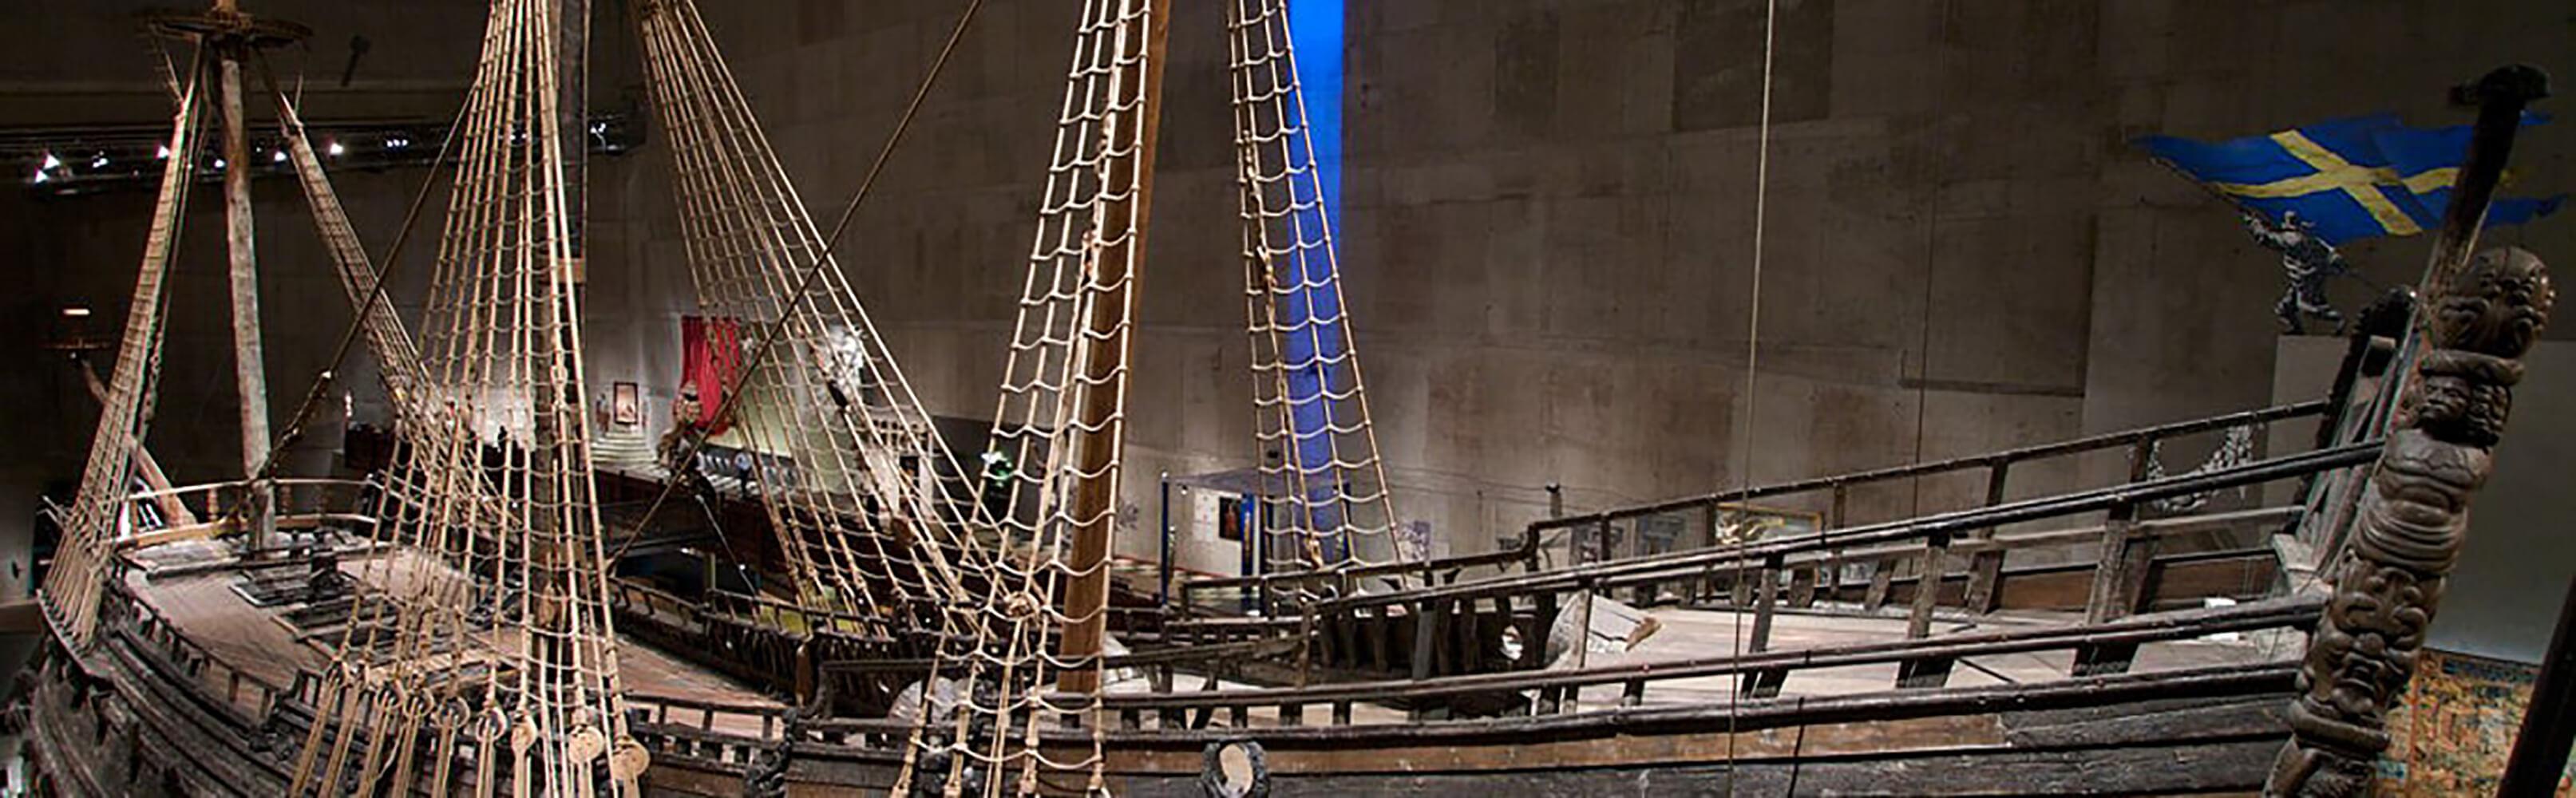 Vasa-Museum 1